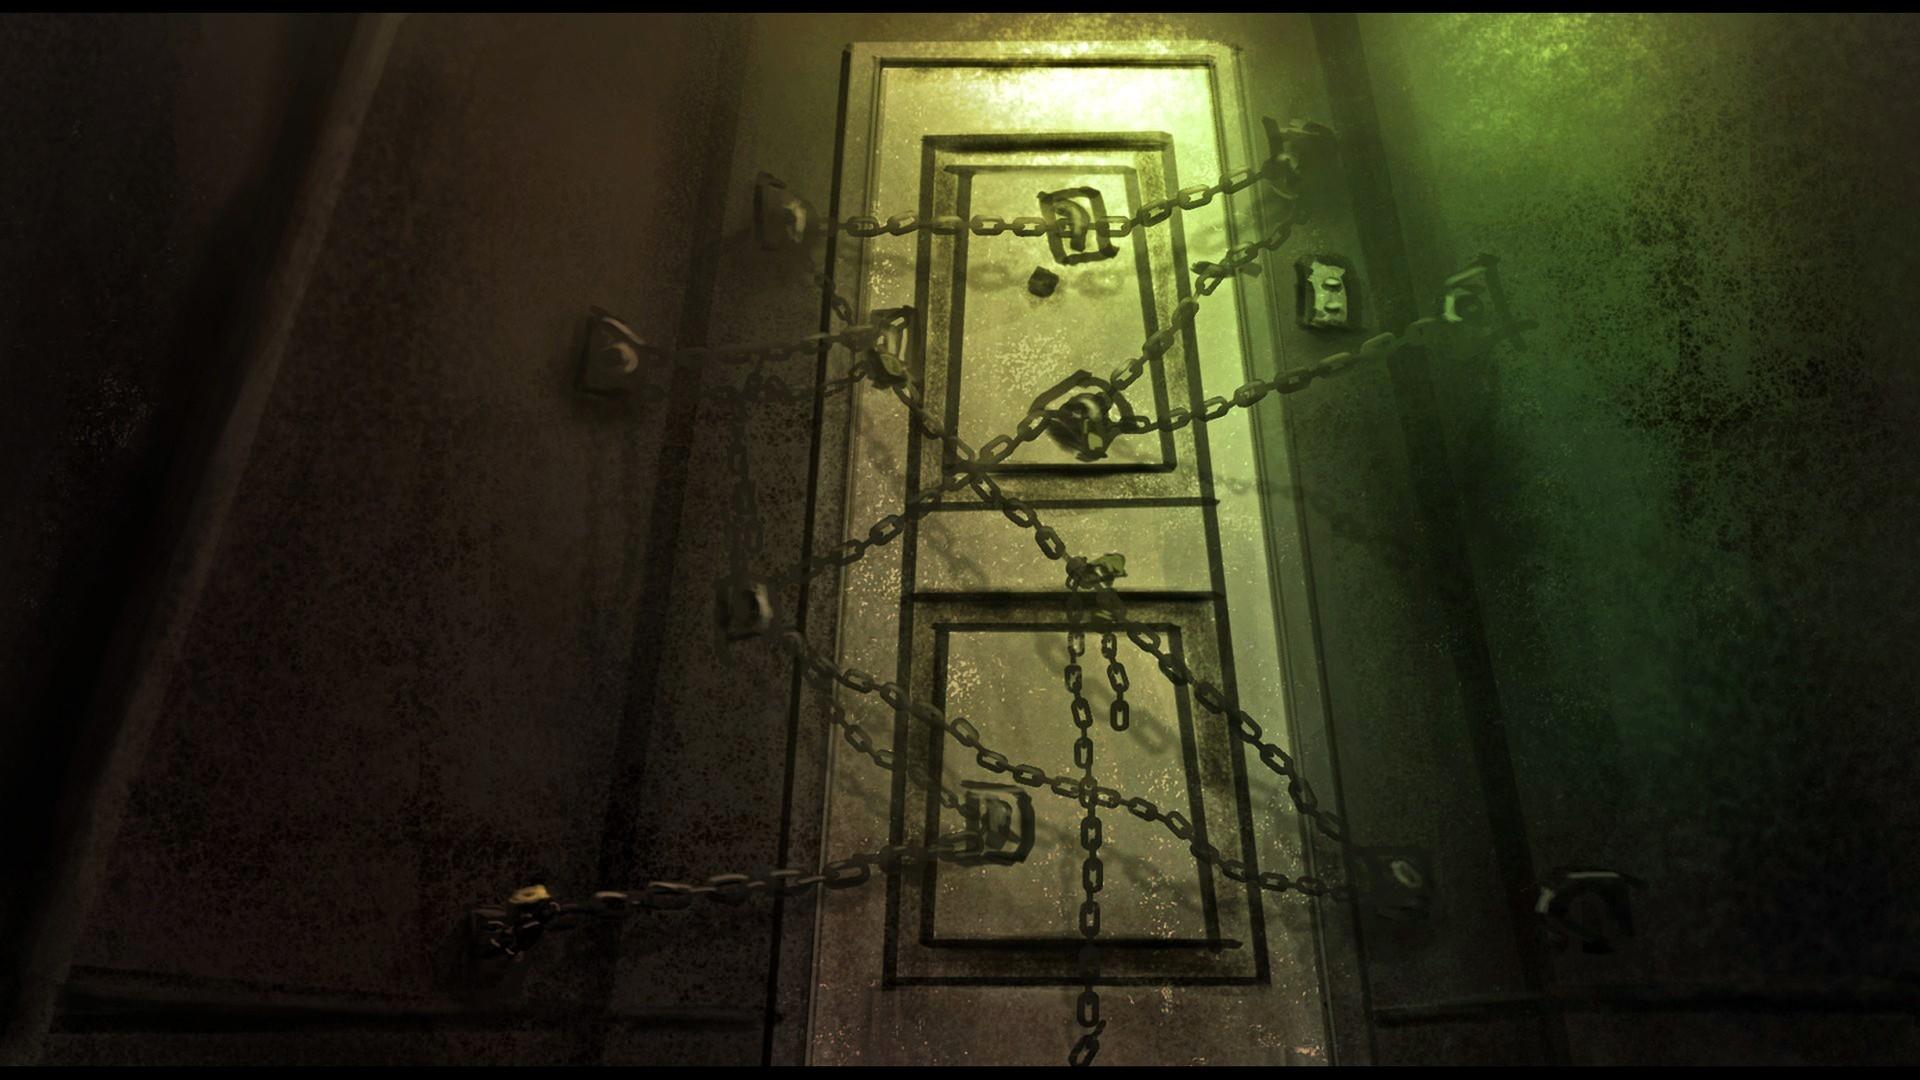 پس از تکذیب انتشار God of War 2 در پاییز، پروژهی احتمالی Silent Hills نیز تکذیب شد